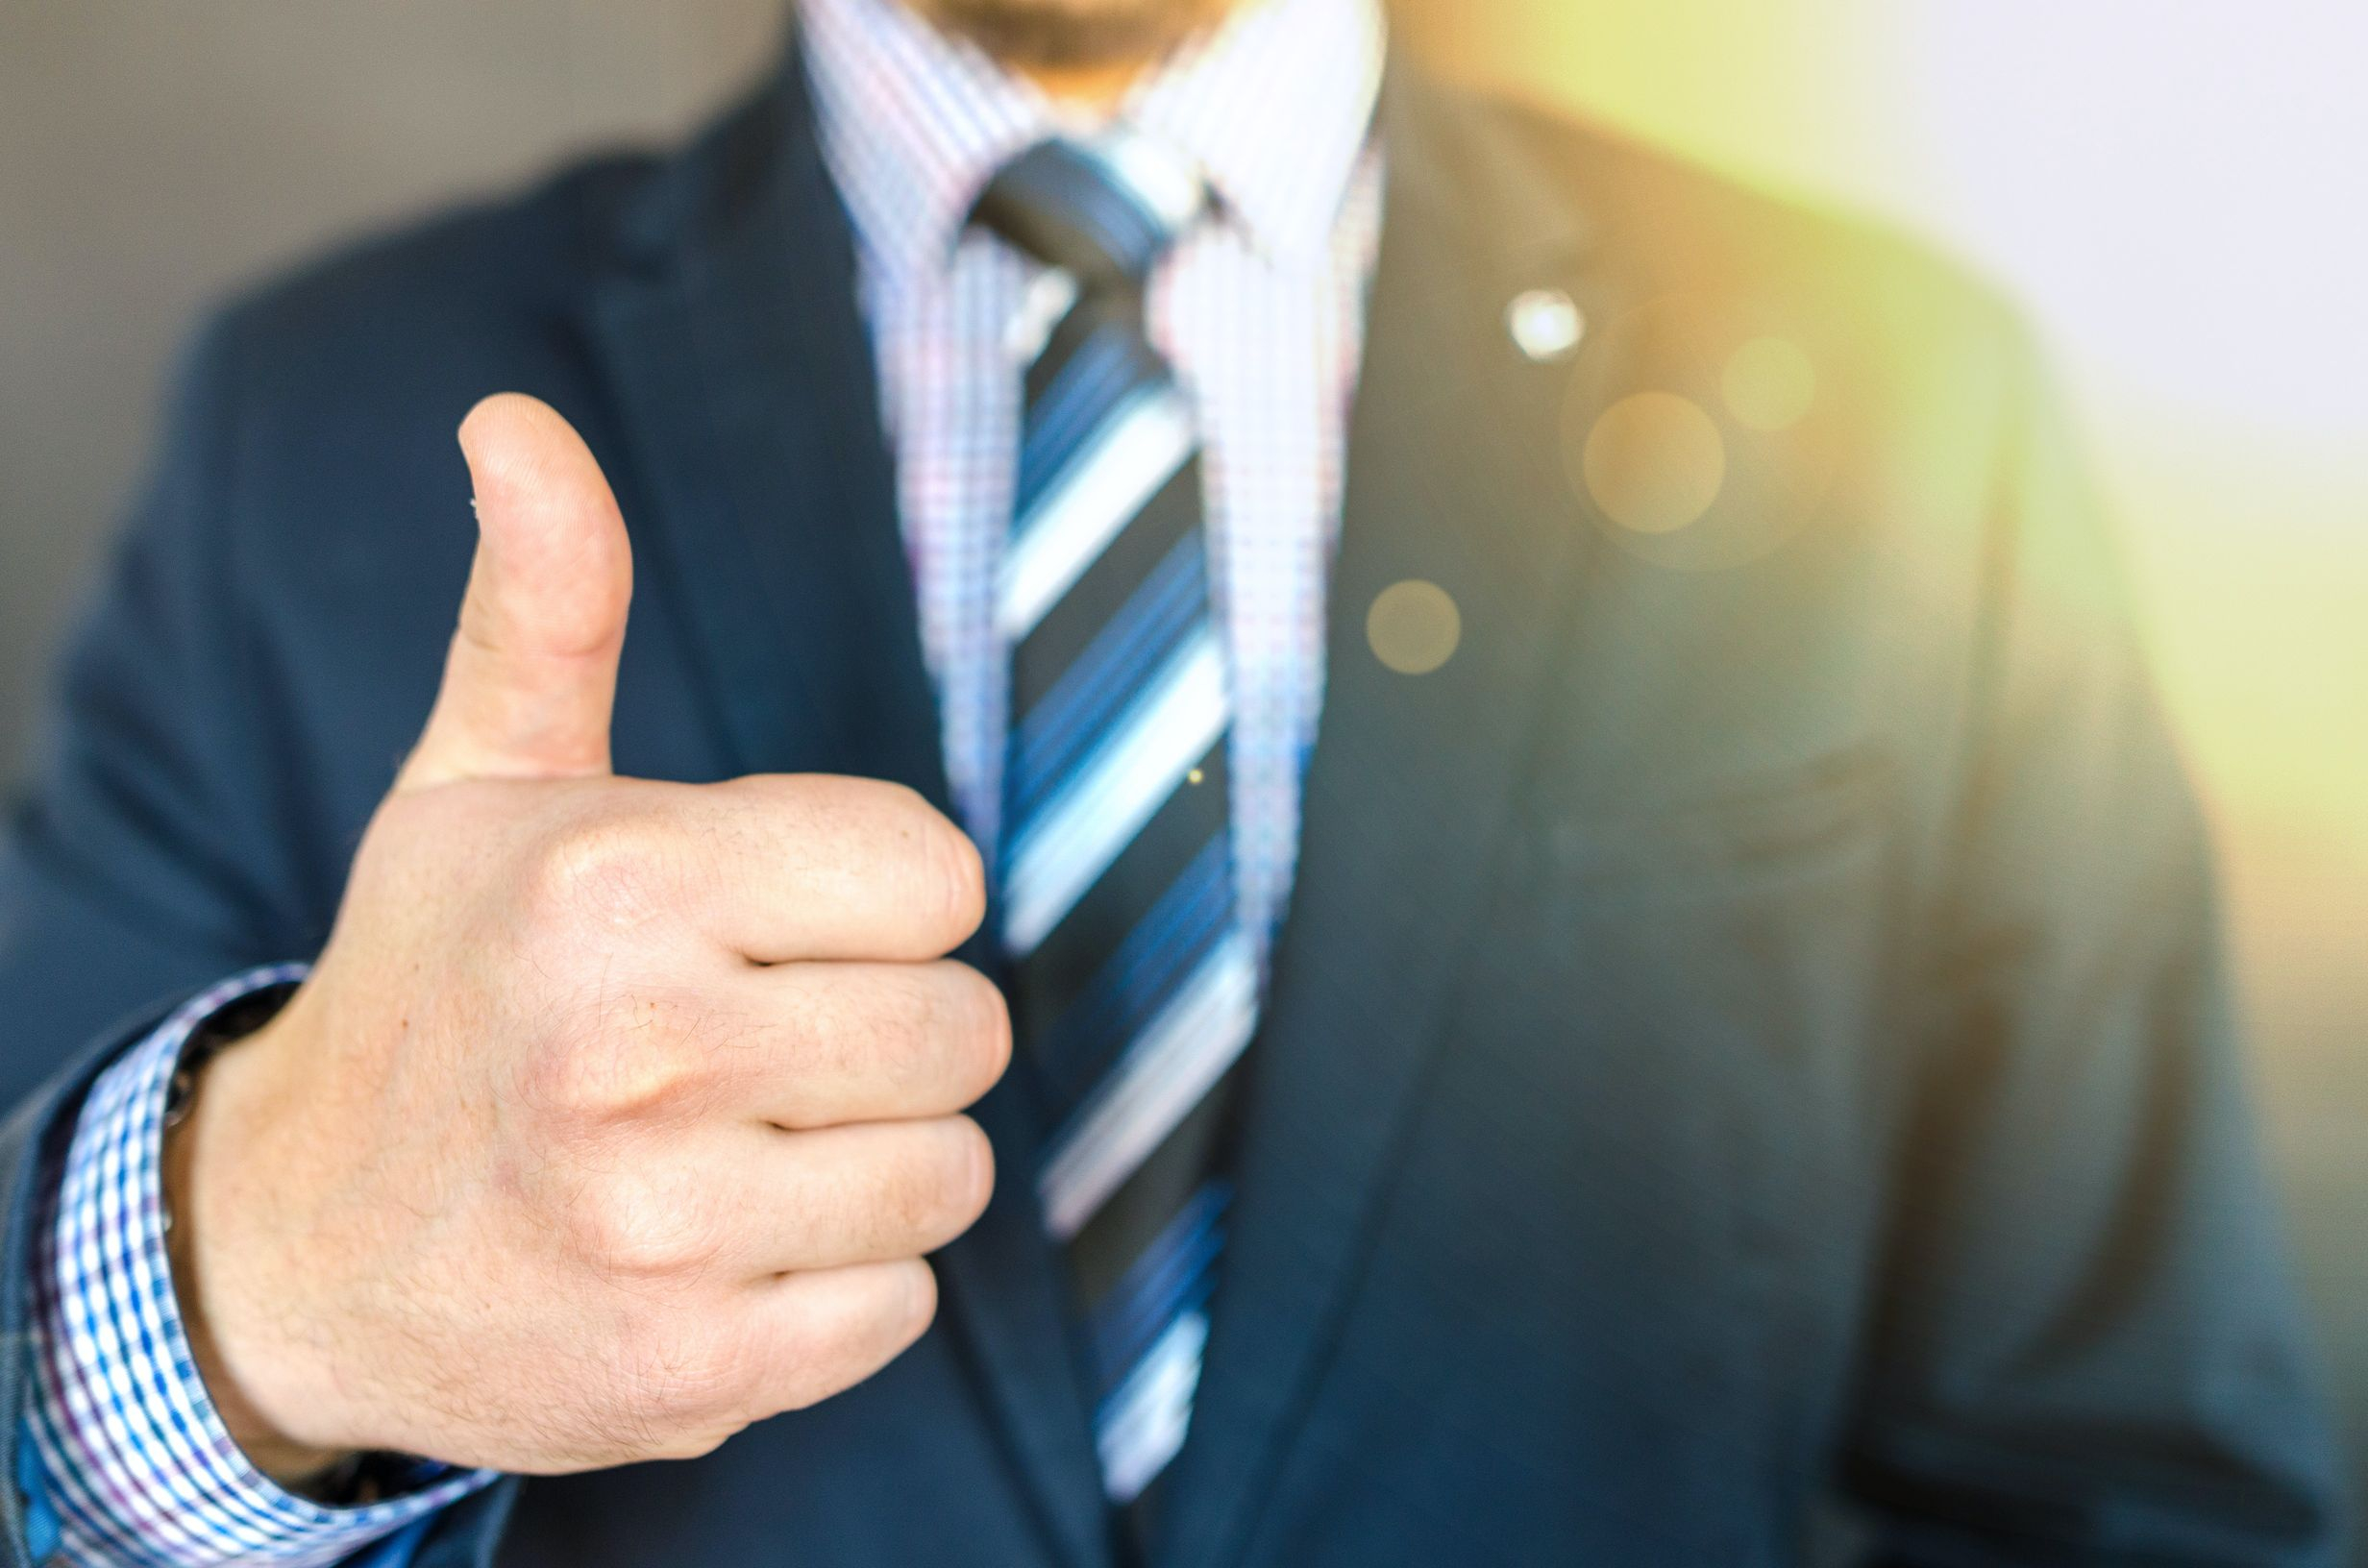 Nie daj się zaskoczyć na rozmowie kwalifikacyjnej! - Artykuły Wiadomości - NetKobieta